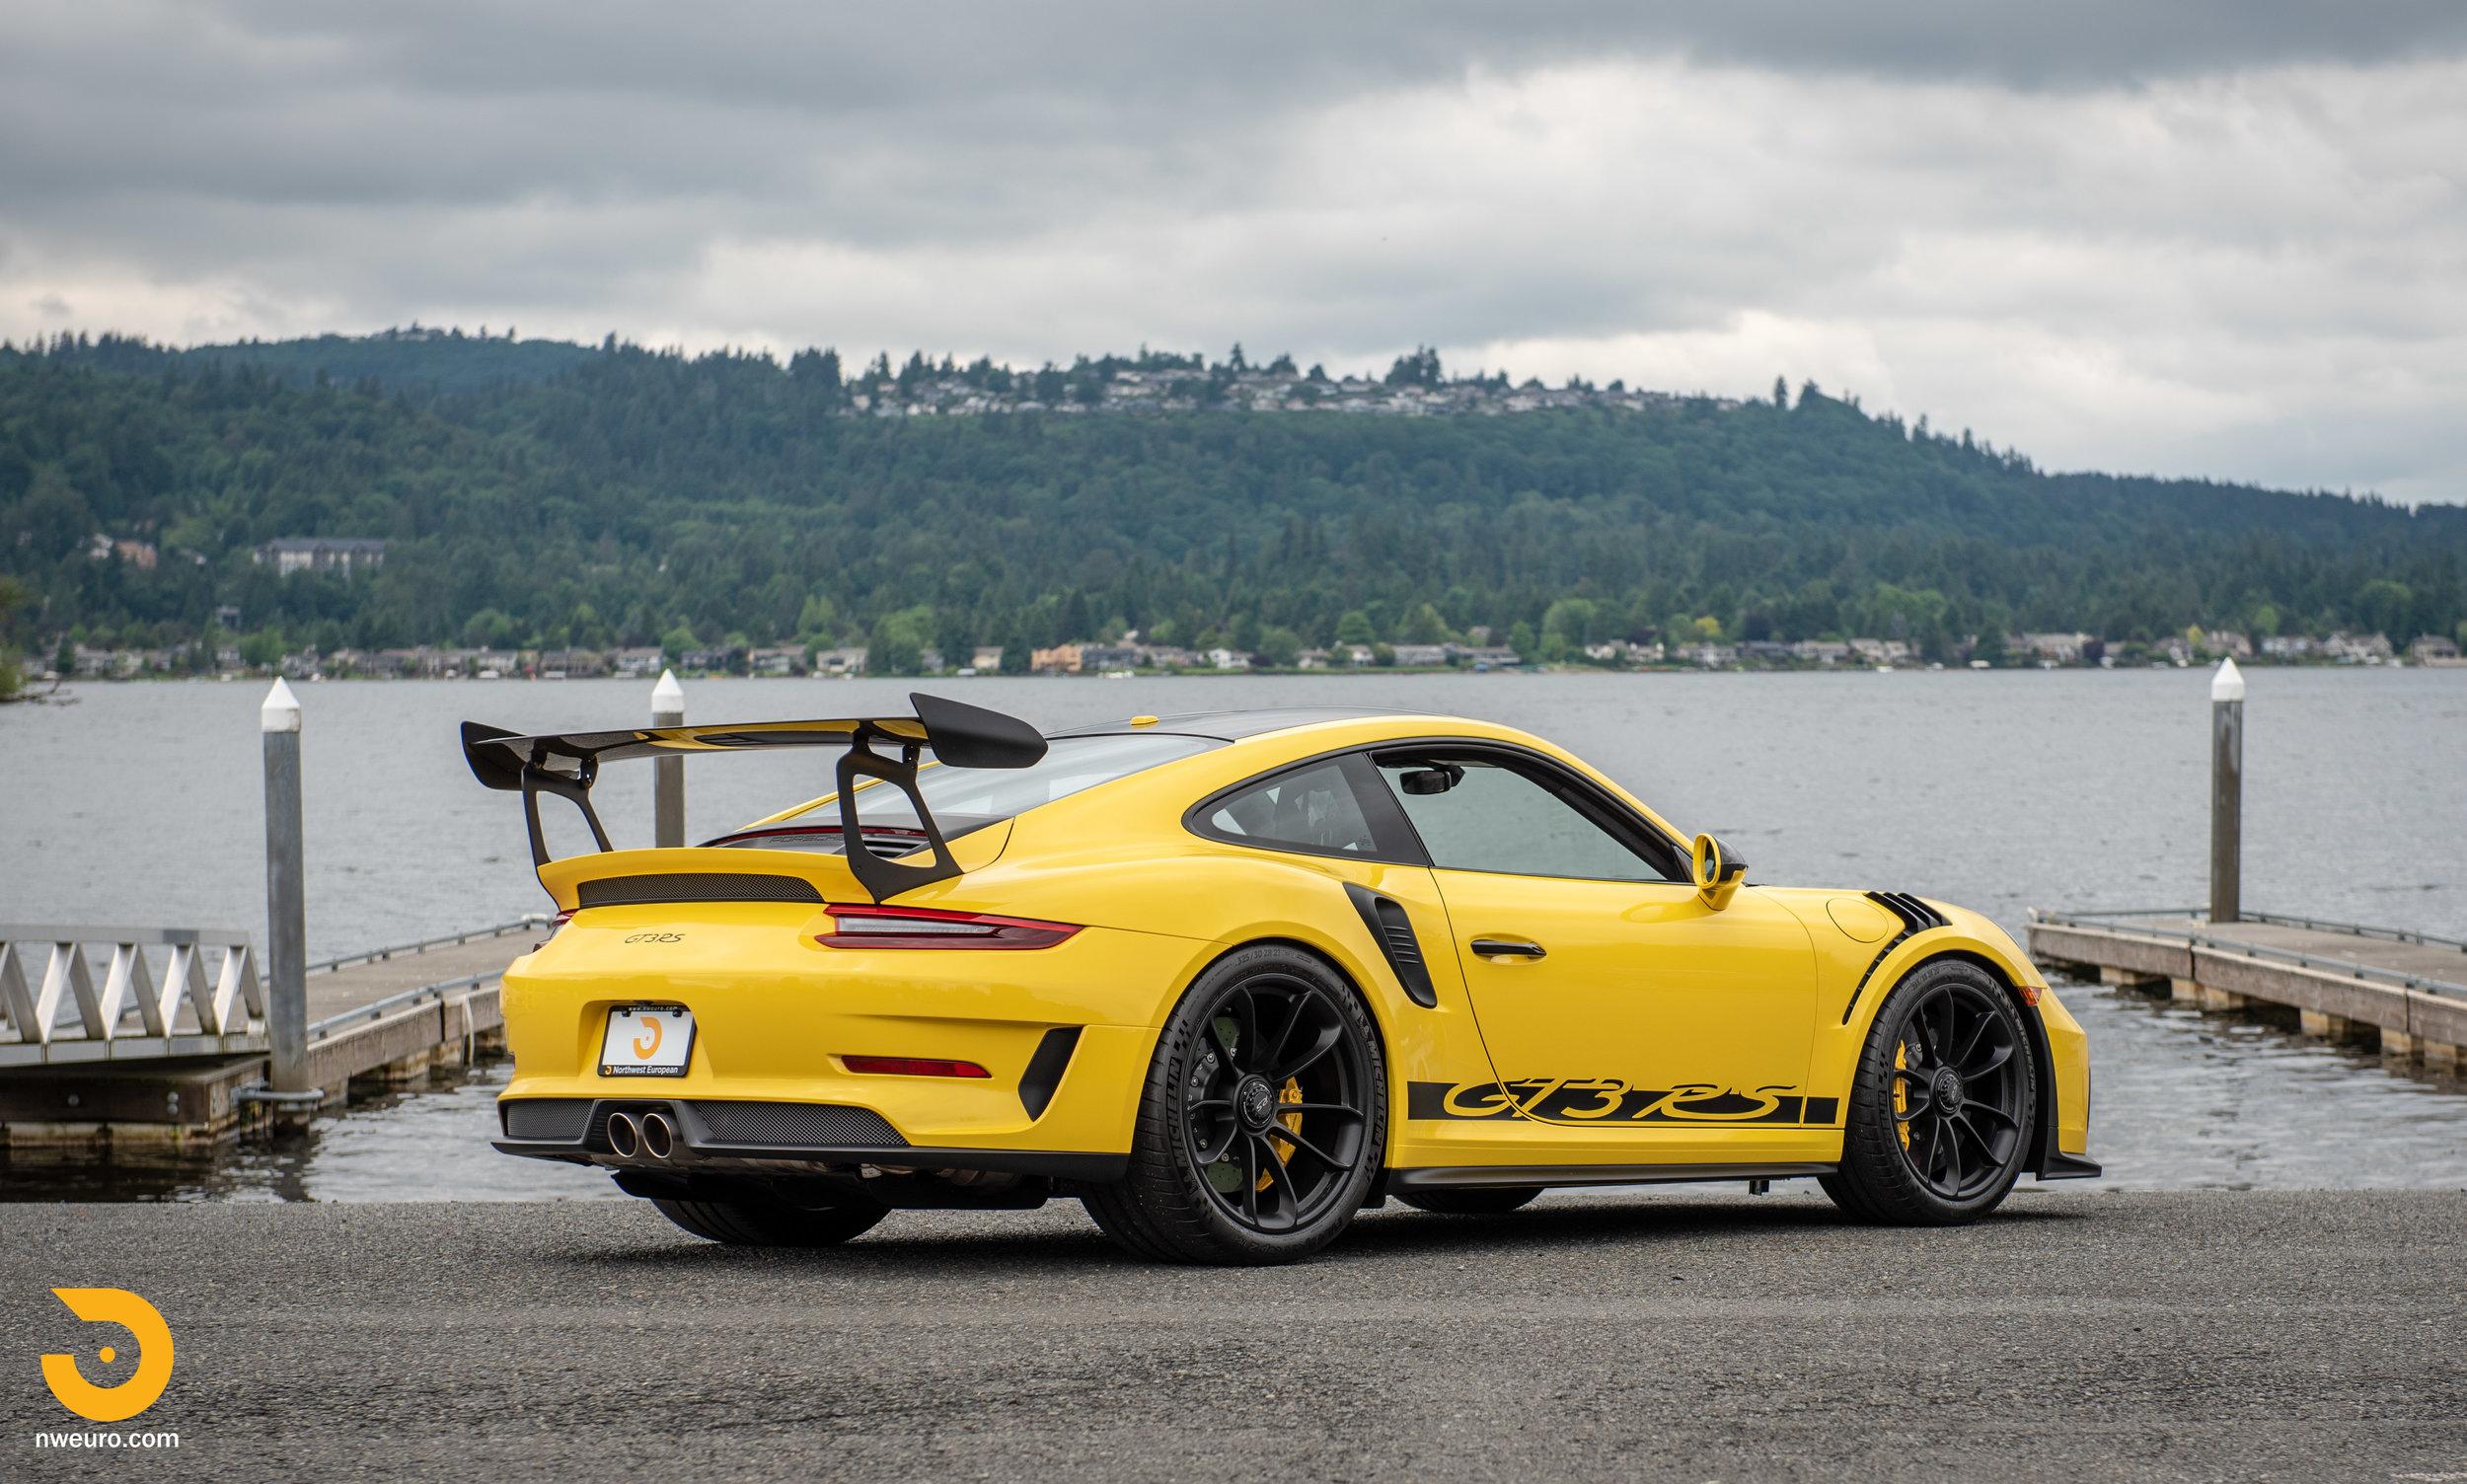 2019 Porsche GT3 RS-29.jpg